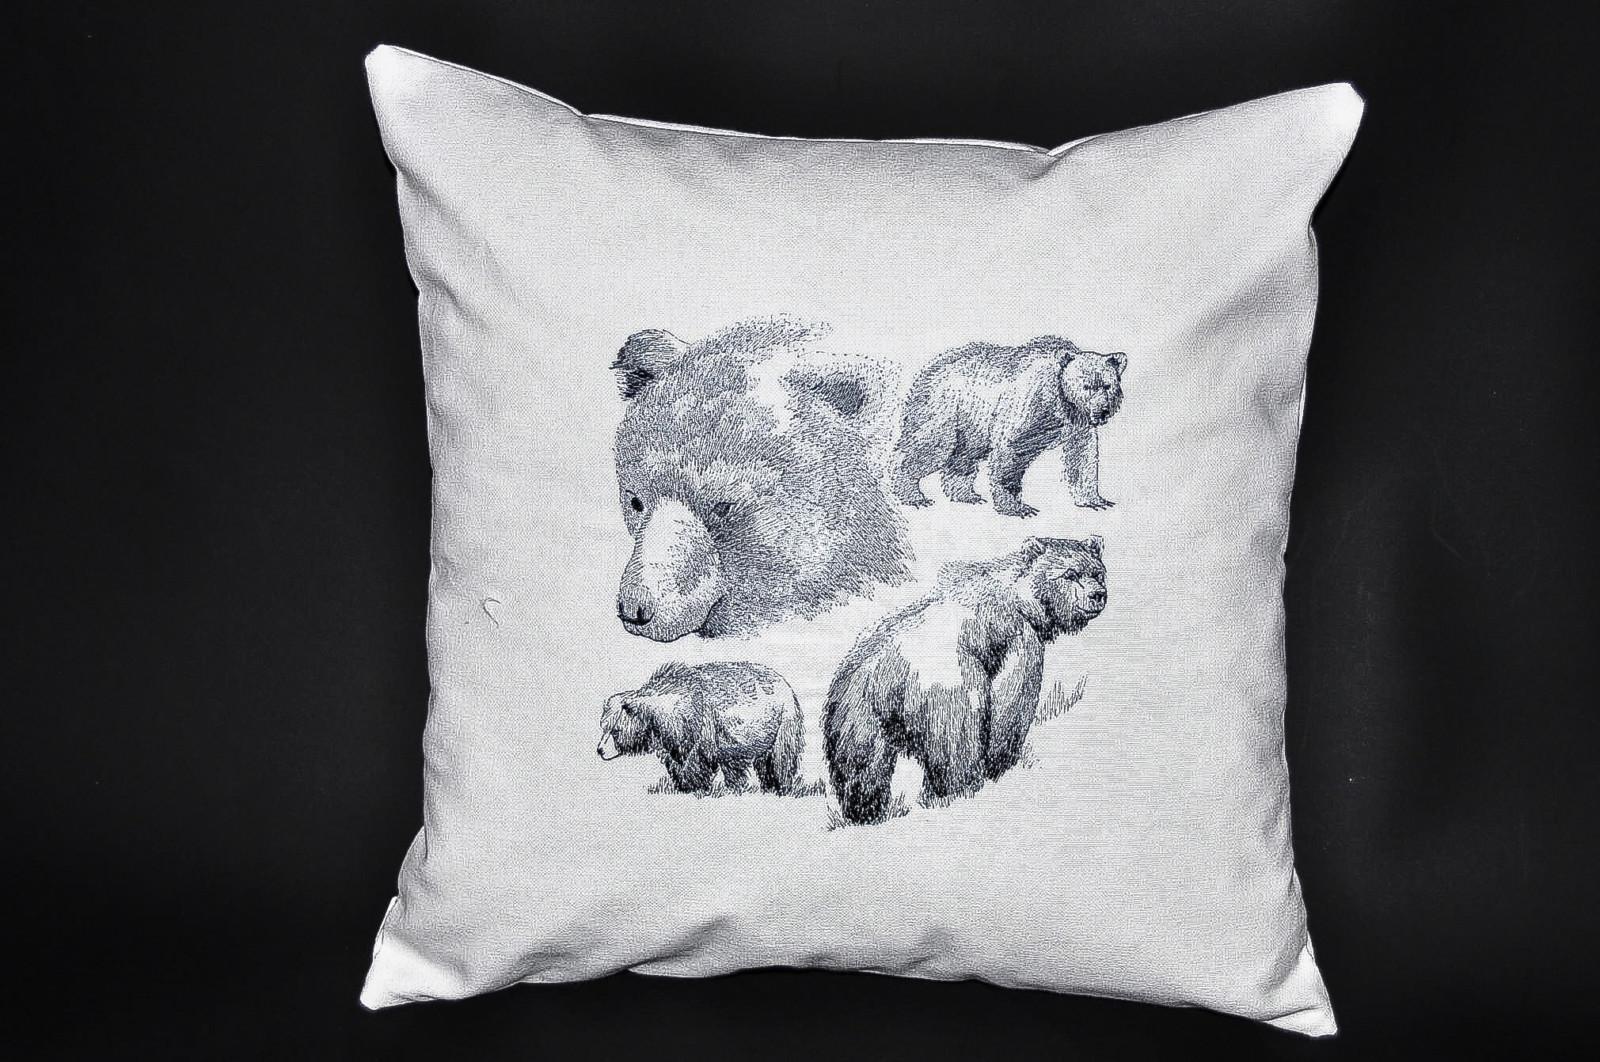 housse de coussin scène ours, fabrication artisanale